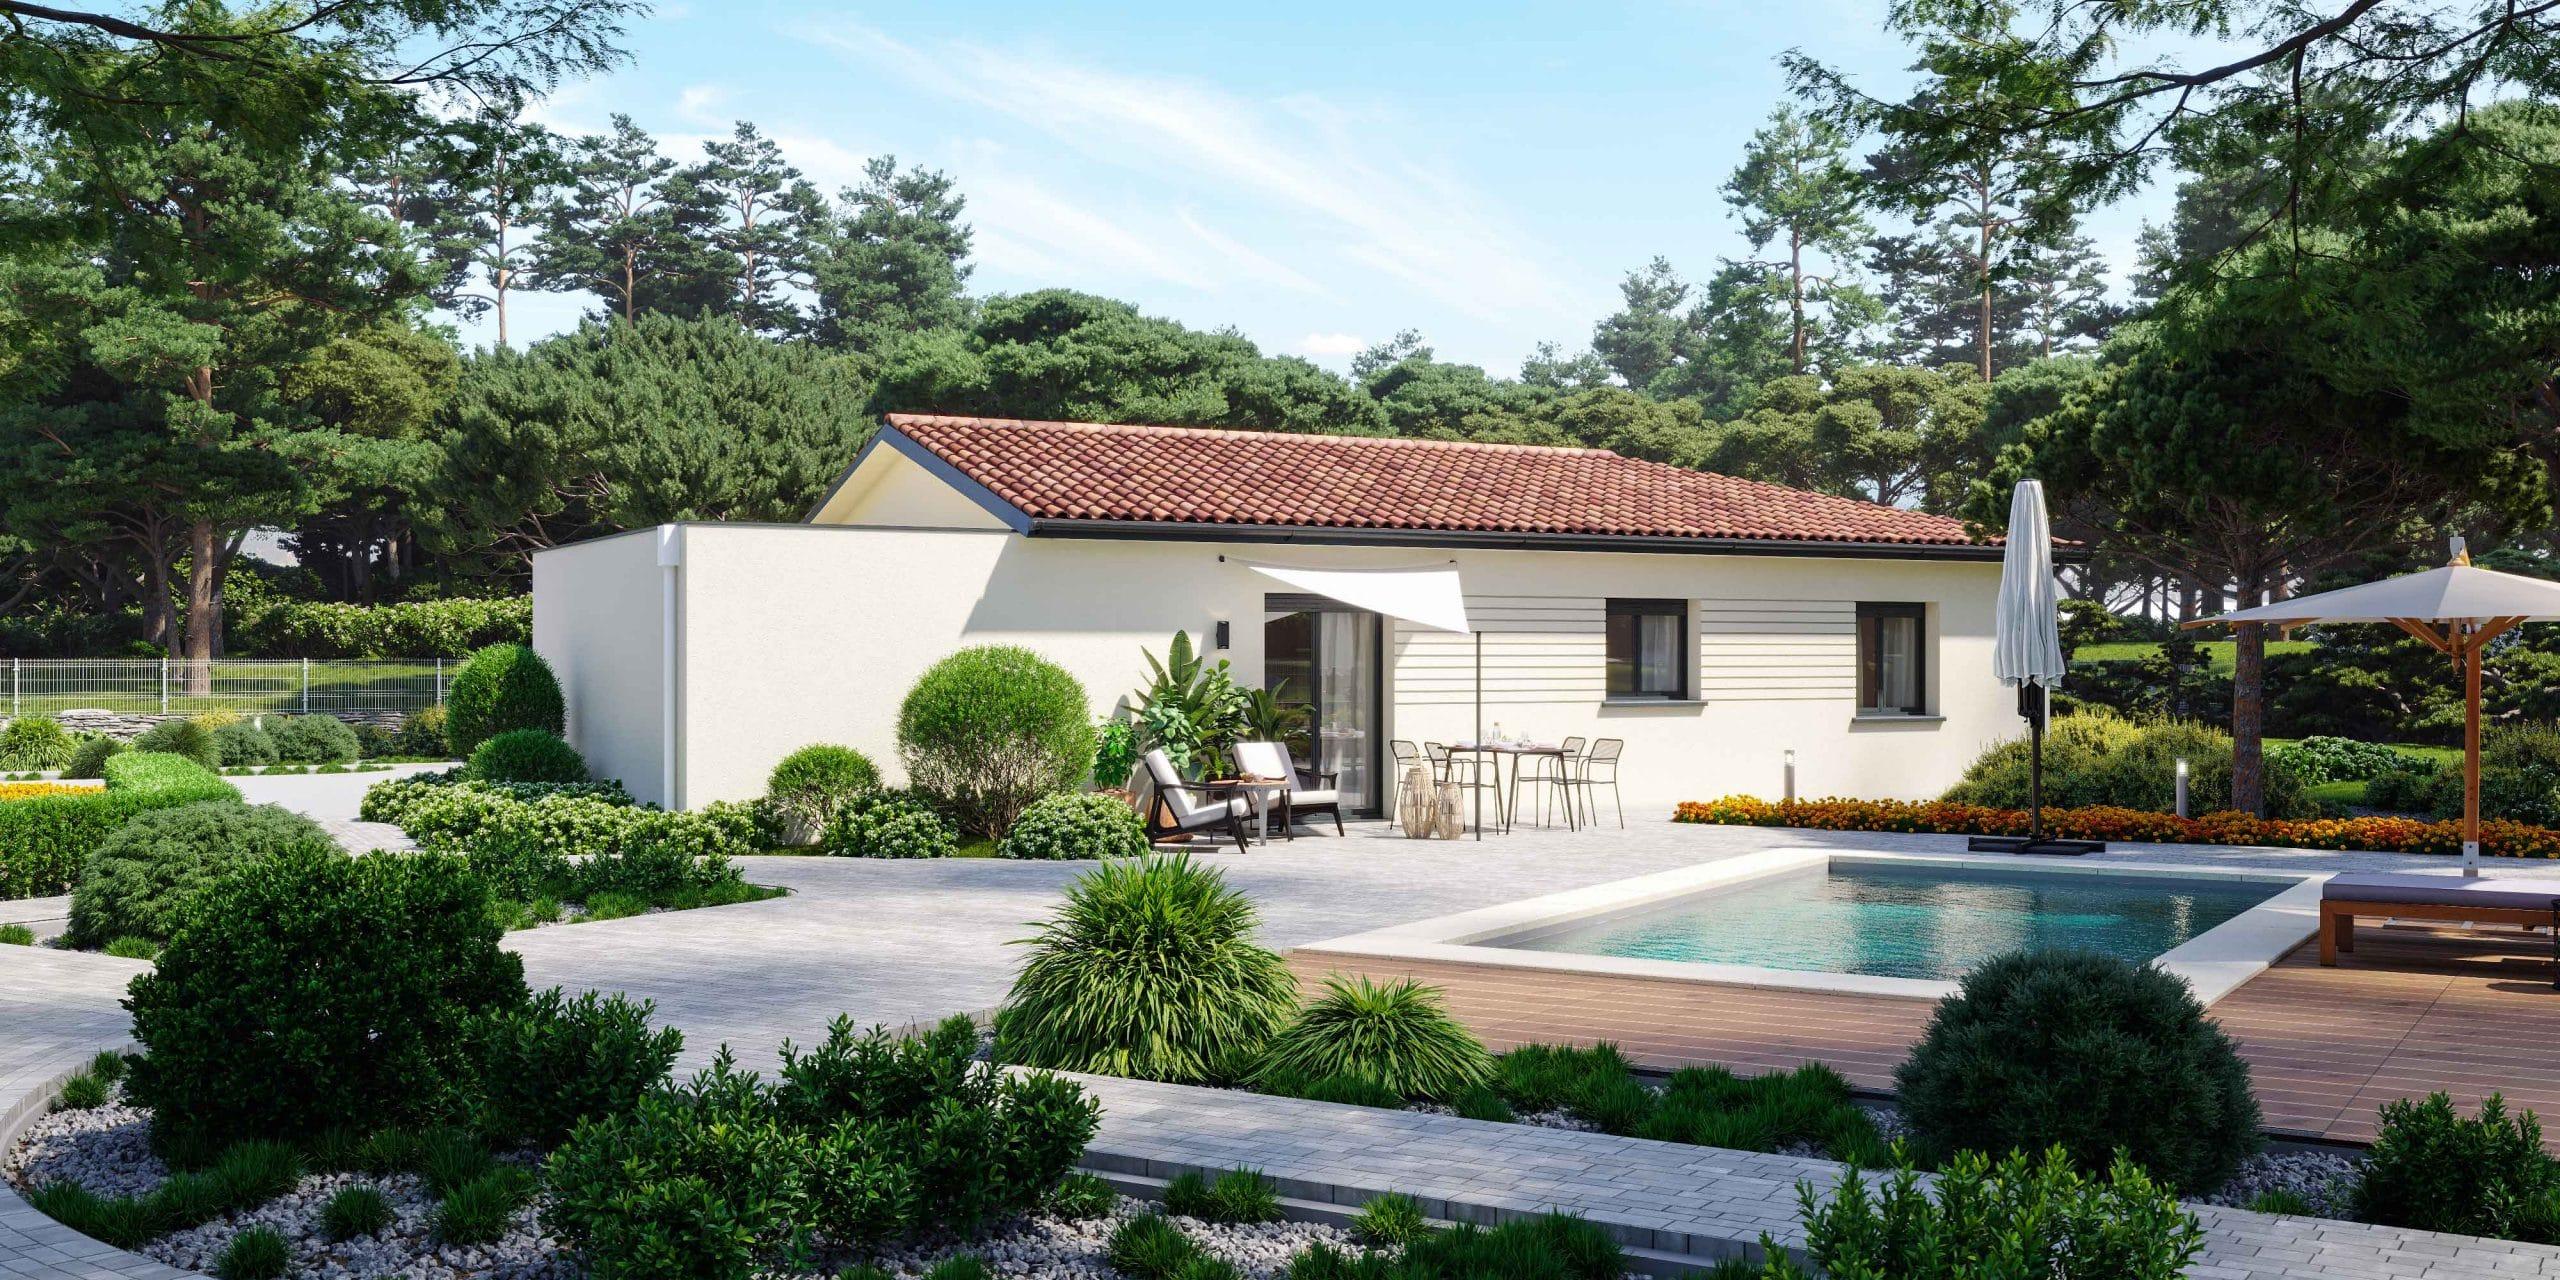 https://www.maisonsclairlogis.fr/wp-content/uploads/2021/09/latitude_maison-plain-pied-traditionnelle_vue-jardin-scaled.jpg